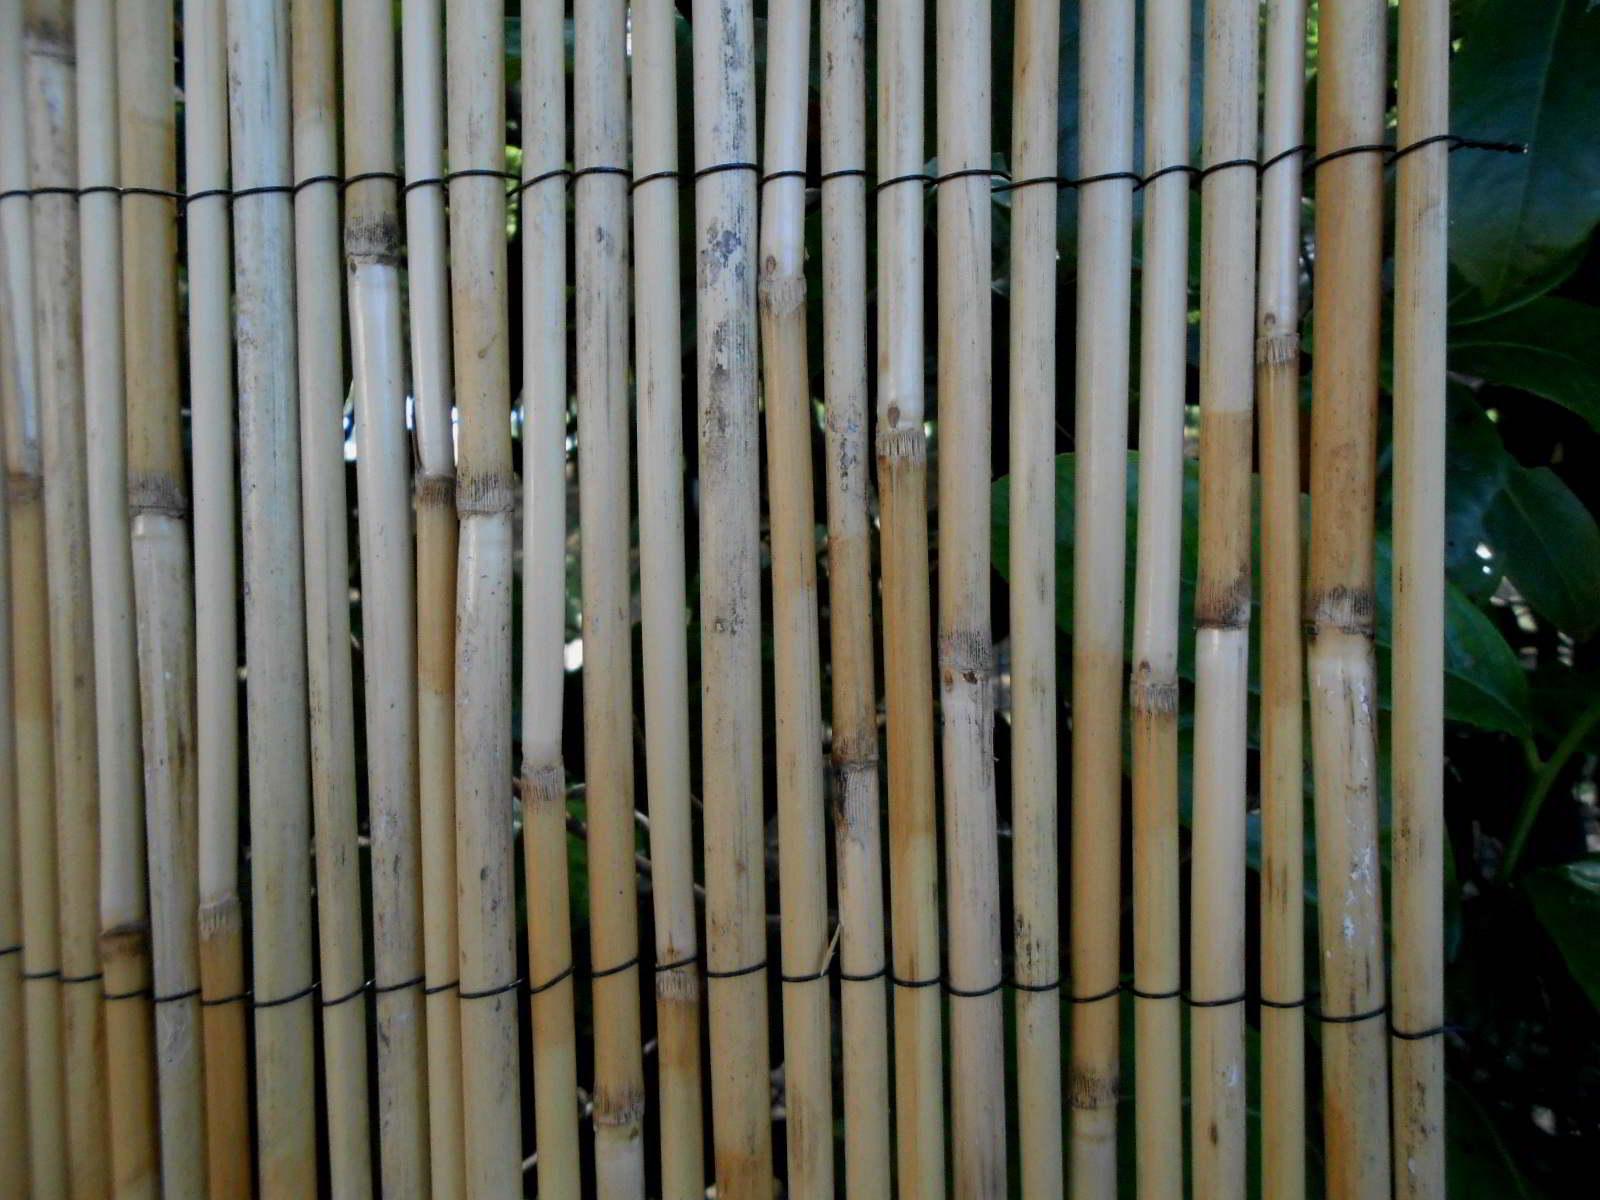 Canne di bambù ecosia